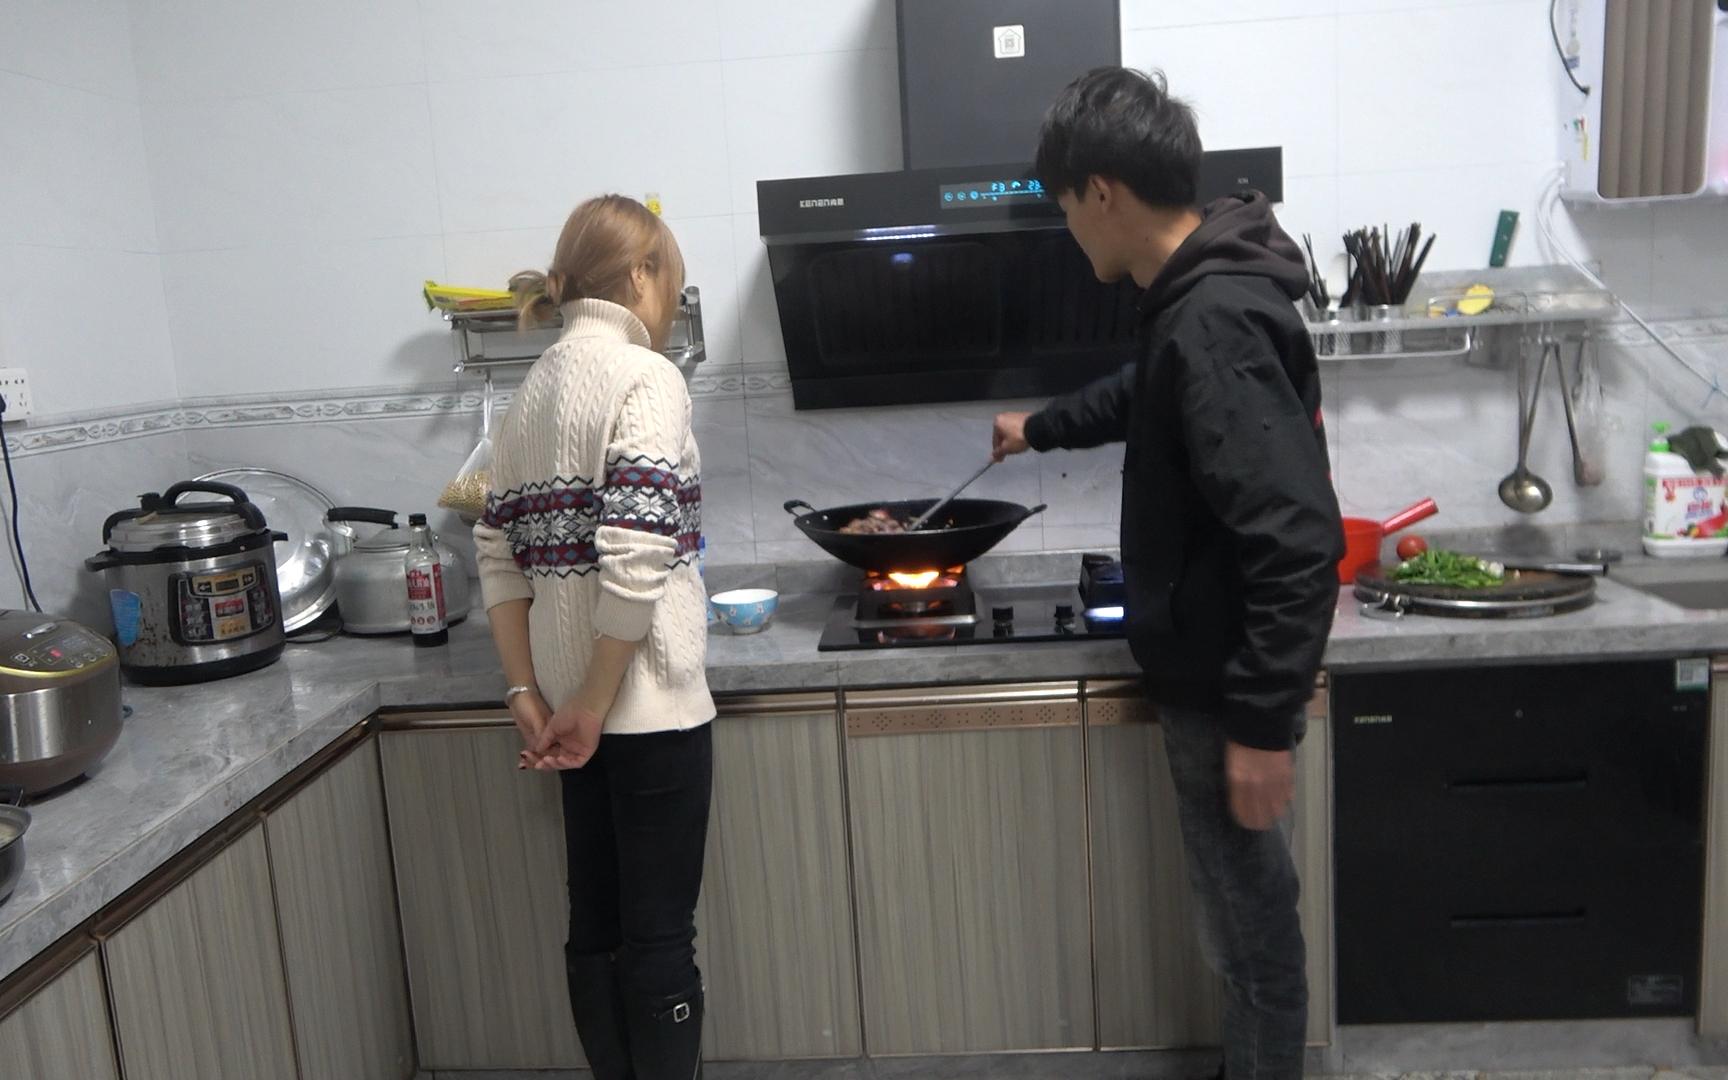 小明邀请小丫到家做客,特地准备了一道新鲜美食,美女直夸好吃